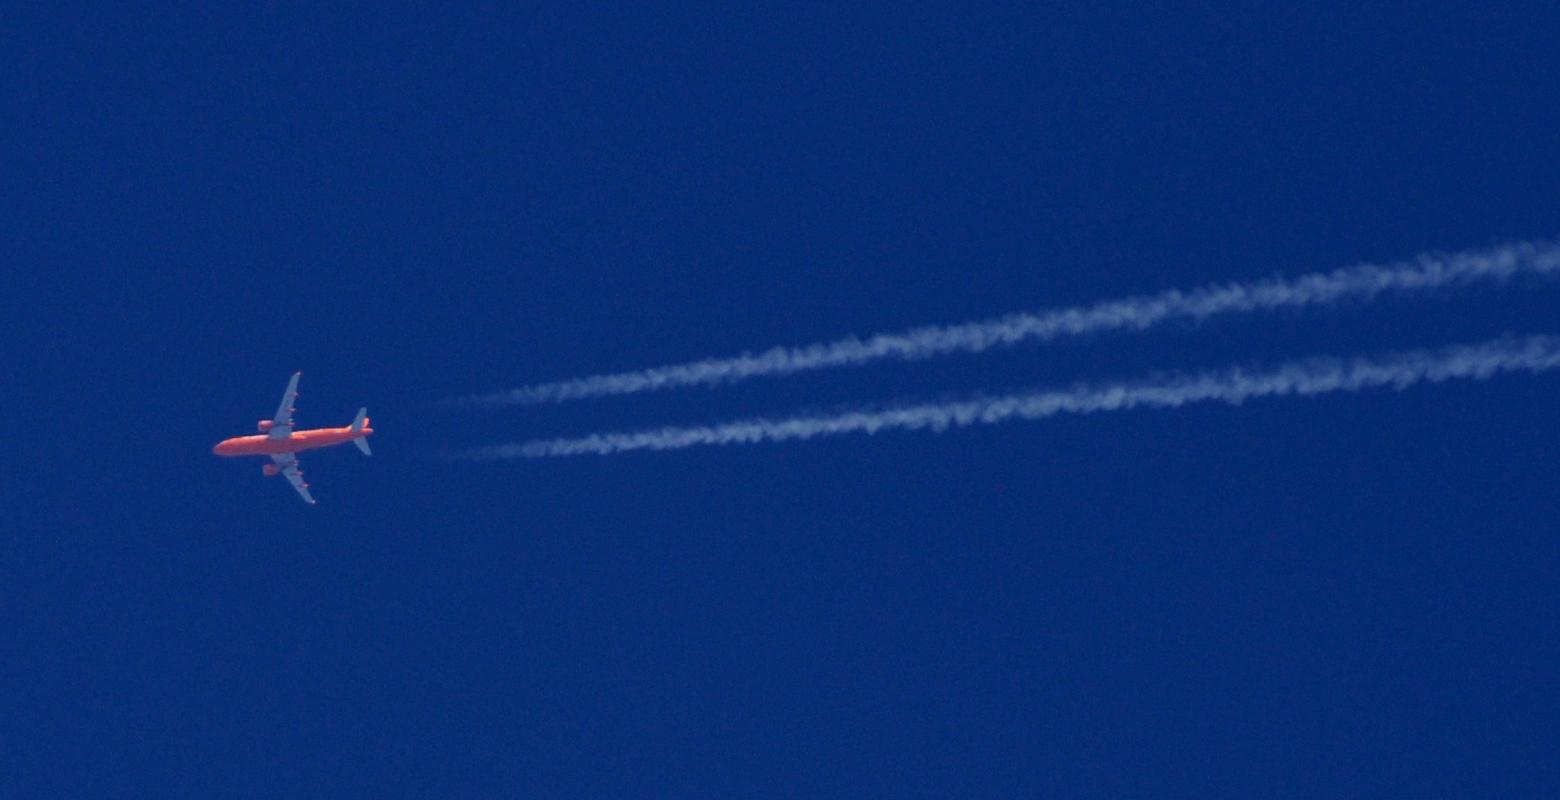 İsim:  EasyJet_A320_U24784.jpg Görüntüleme: 242 Büyüklük:  601.0 KB (Kilobyte)